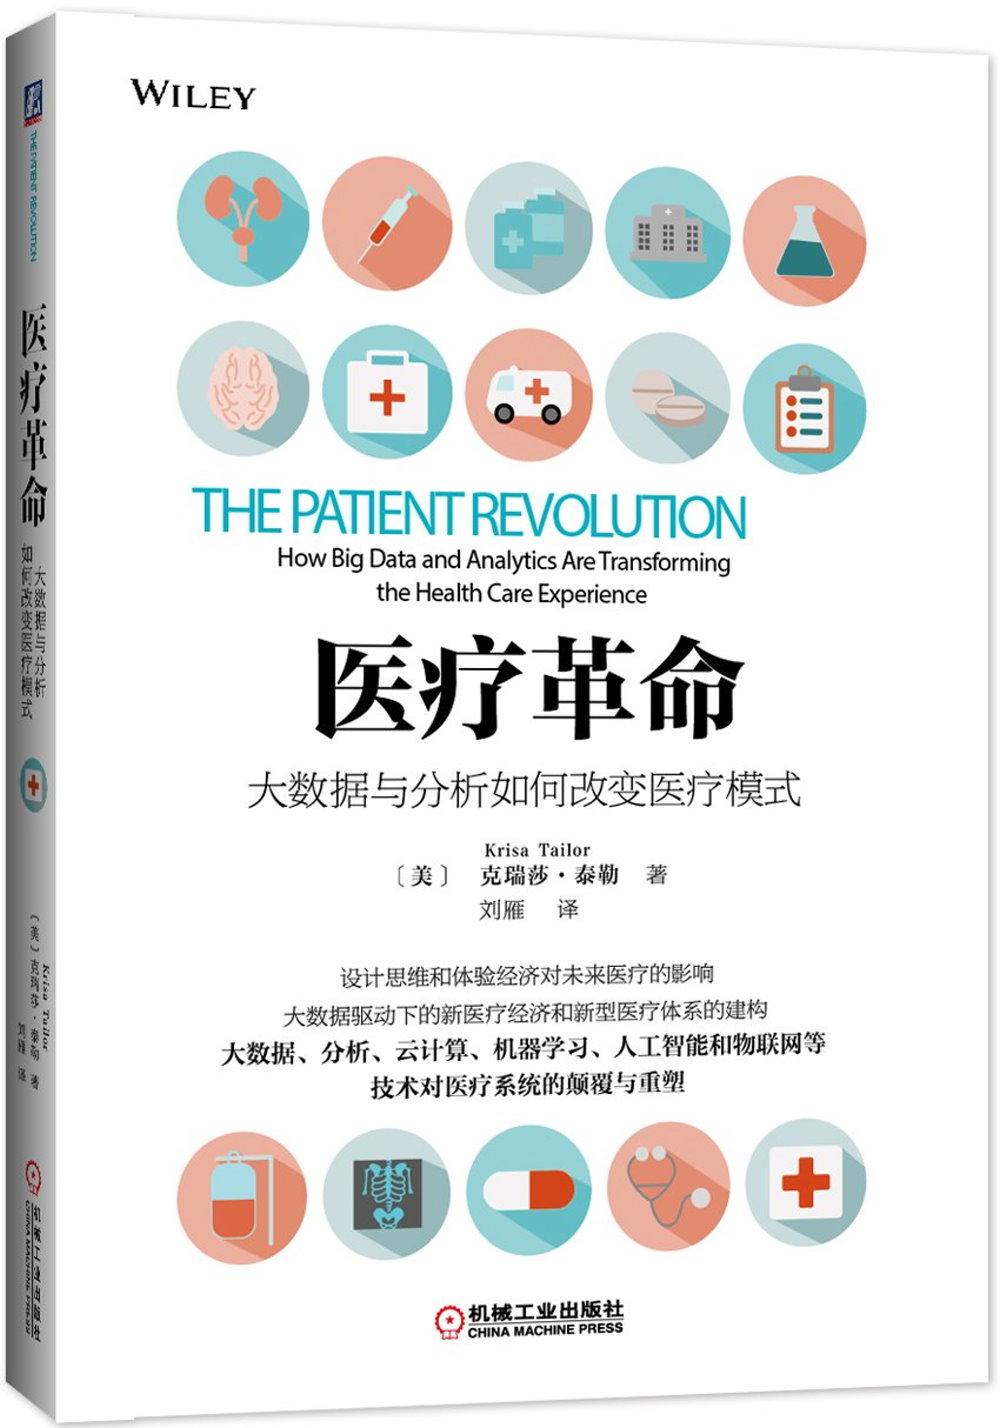 醫療革命:大數據與分析如何改變醫療模式